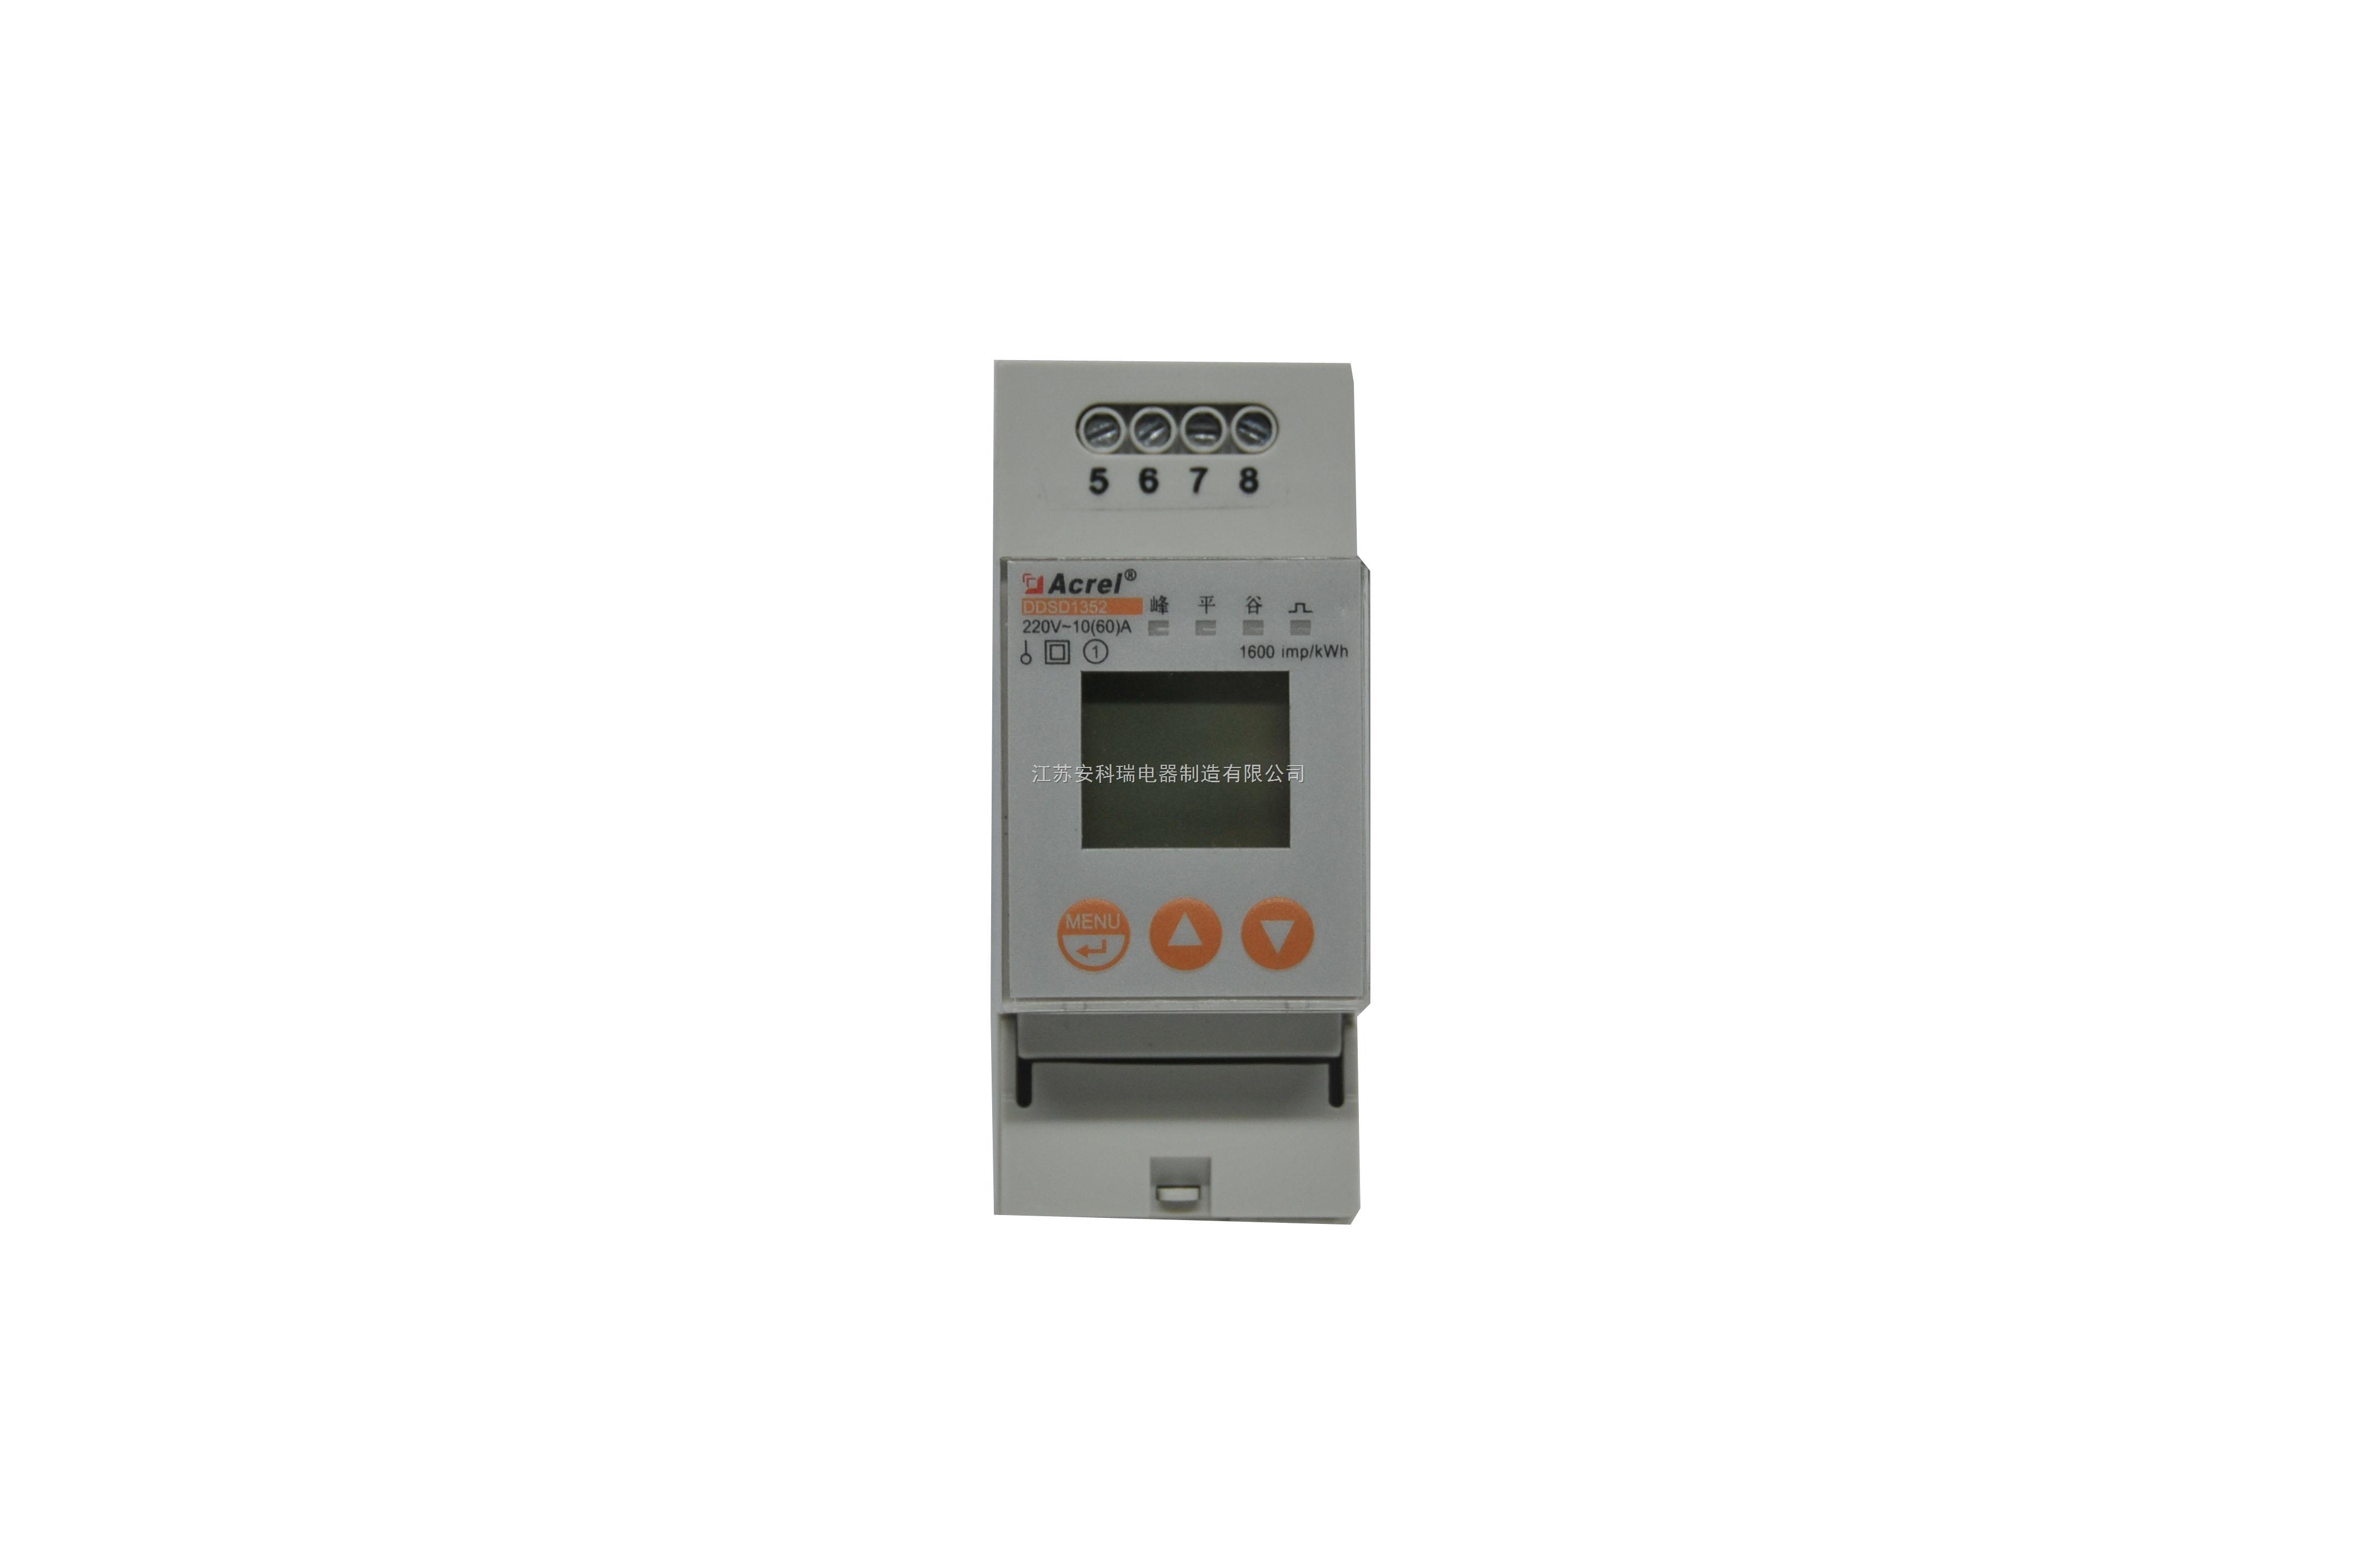 一.产品概述   目前终端电能计量表计的安装普遍采用传统壁挂式的安装方式,存在体积大,安装不方便等缺点。而DDSF1352/DTSF1352导轨式安装电表采用模数化设计,具有体积小、易安装、易组网等优点,易于实现终端配电电能计量。便于配电系统加装电度表的改造。   安科瑞电气集多年的电表设计制造经验,应对节能降耗需求,推出导轨式安装电能表,方便应用于低压配电终端,并配套专业电能计量管理软件,助力用户进行能耗统计,发现能耗重点,发掘降耗空间,实现节能增效。   该系列电能表具有体积小巧、可靠性好、35mm